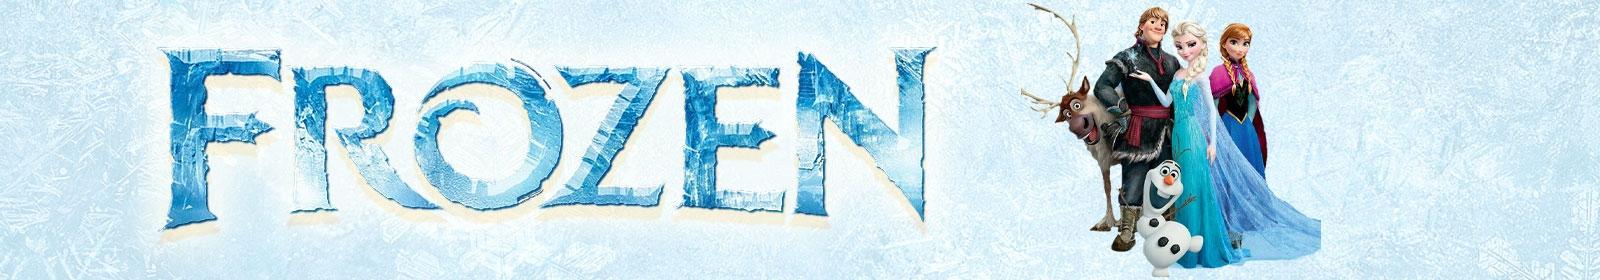 Comprar Brinquedos Frozen online | Envios Gratis desde 49€